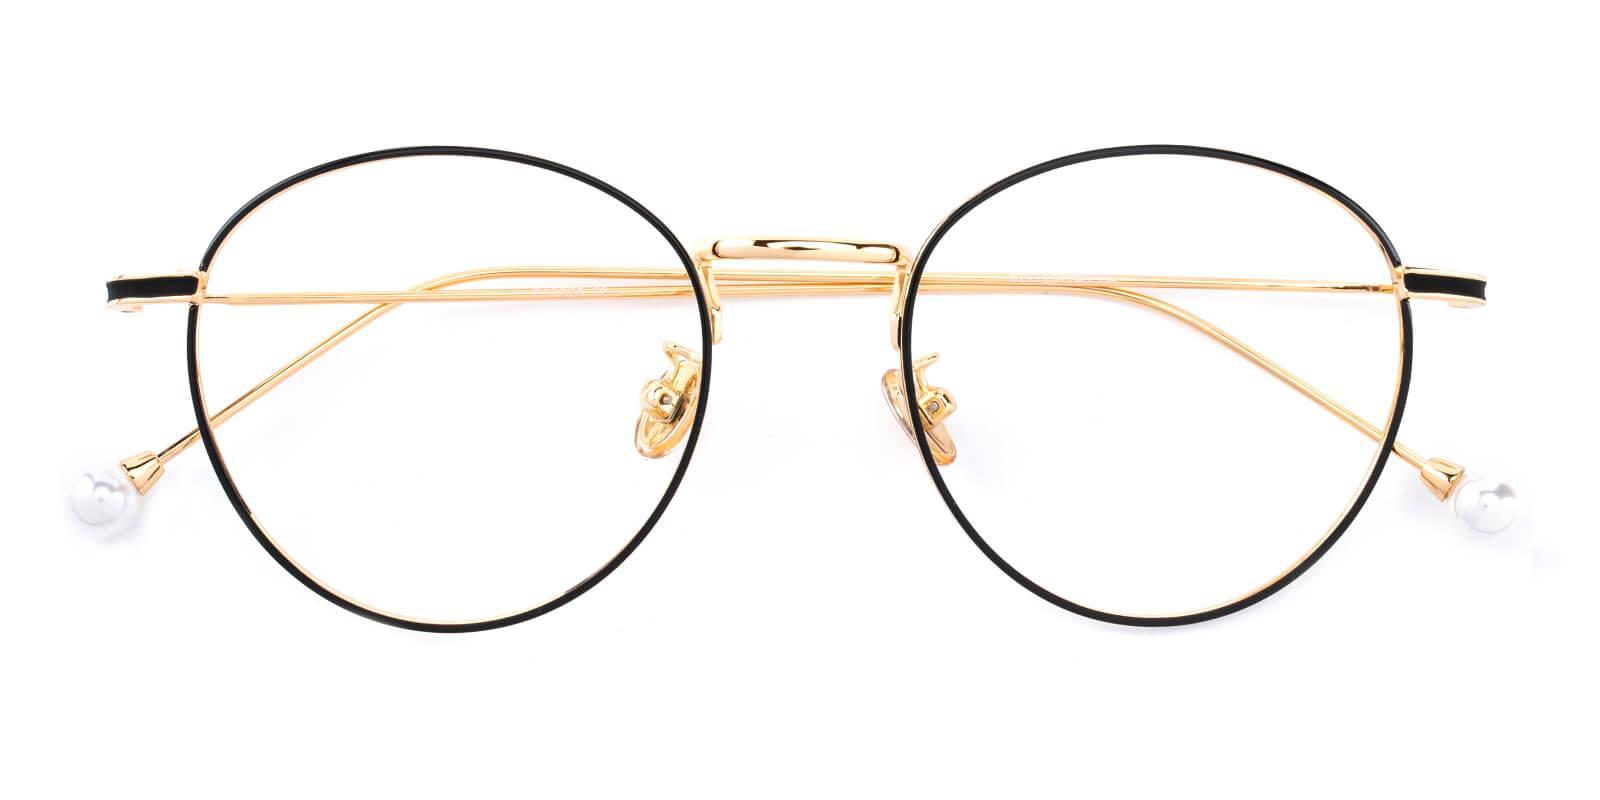 Frail-Pattern-Round-Metal-Eyeglasses-detail